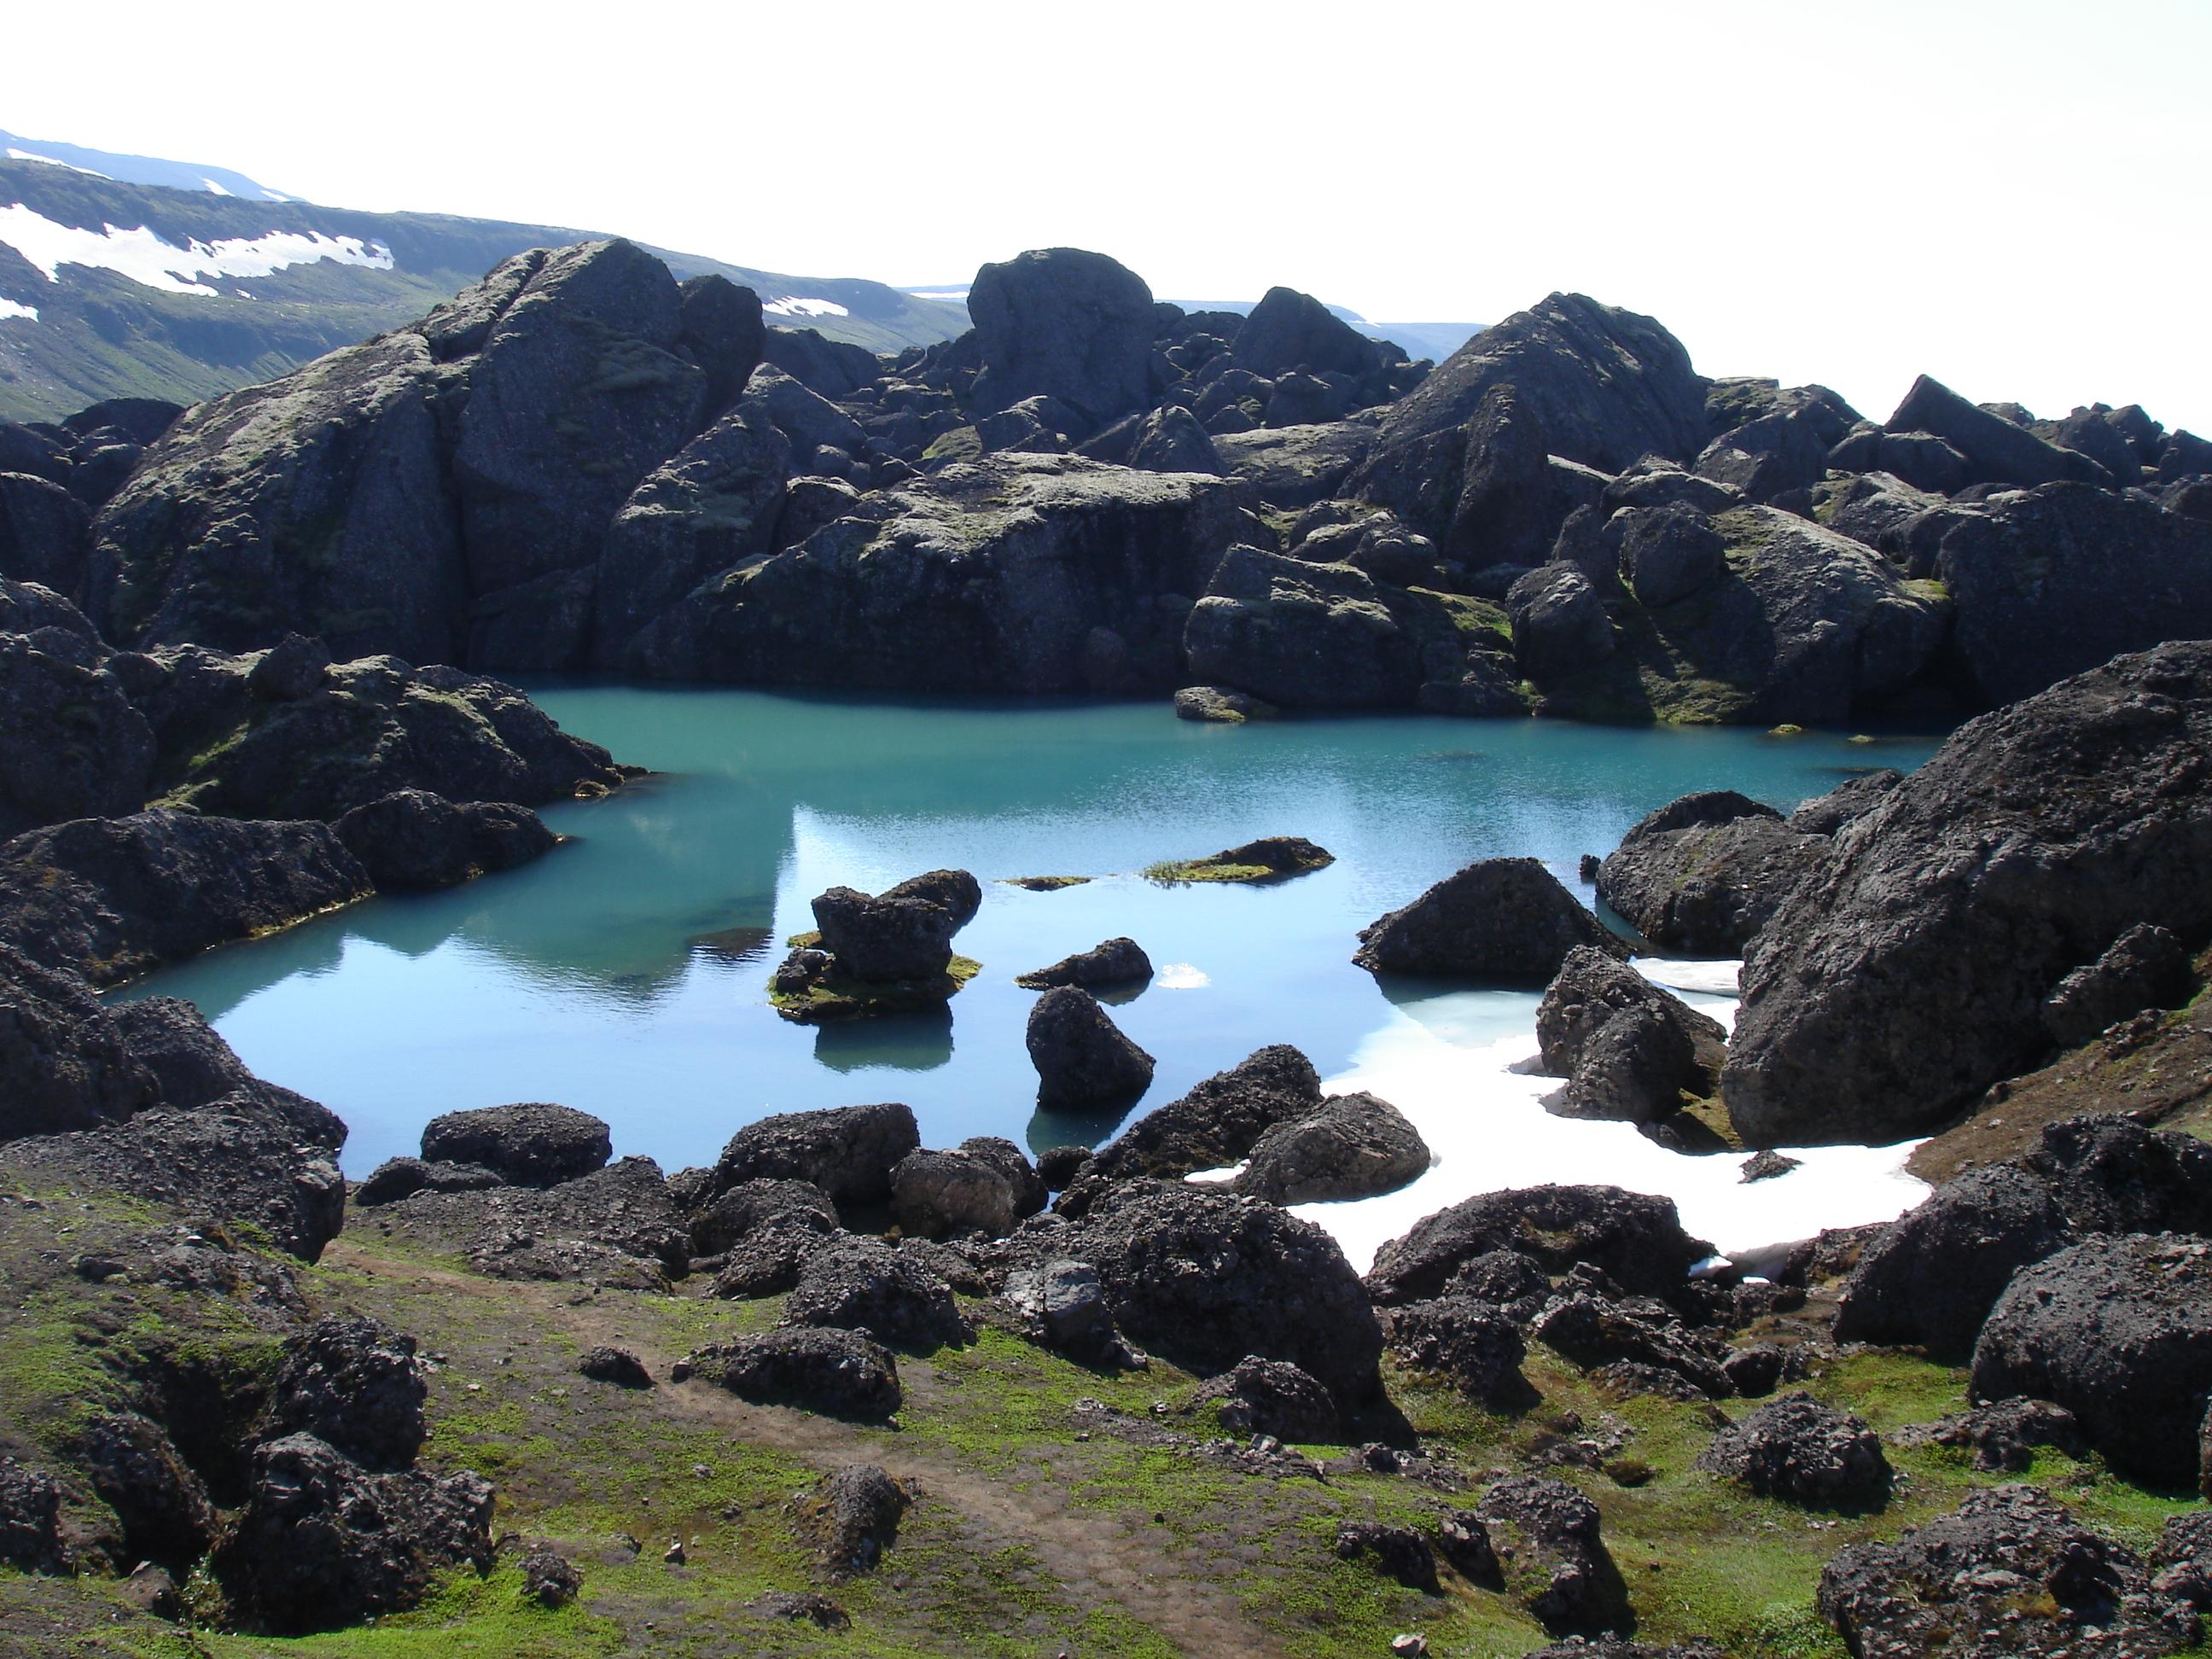 冰岛东部Stórurð巨石区的湖景